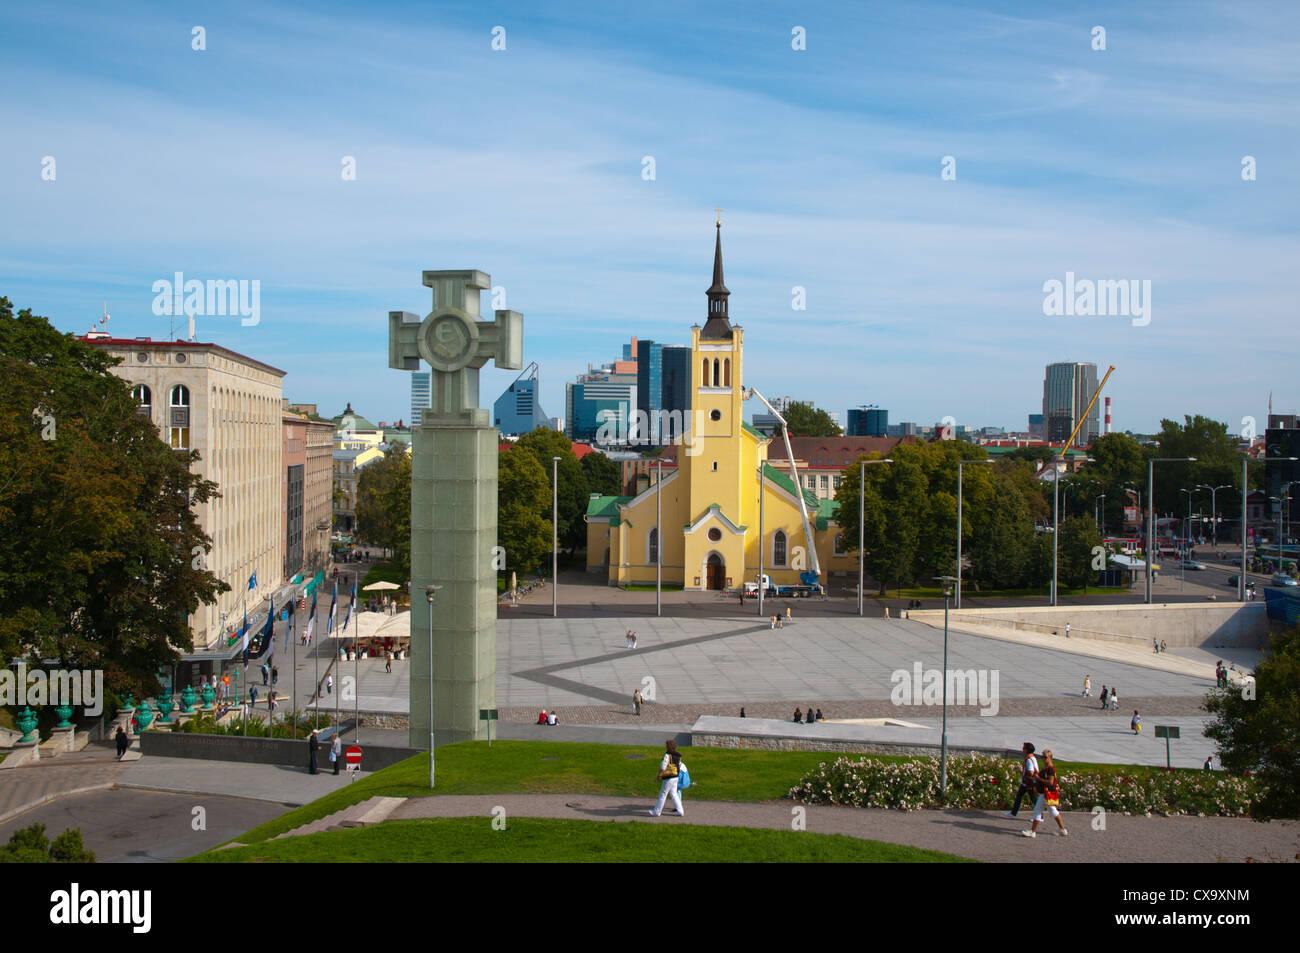 Vabaduse väljak the Independence square central Tallinn Estonia Europe - Stock Image